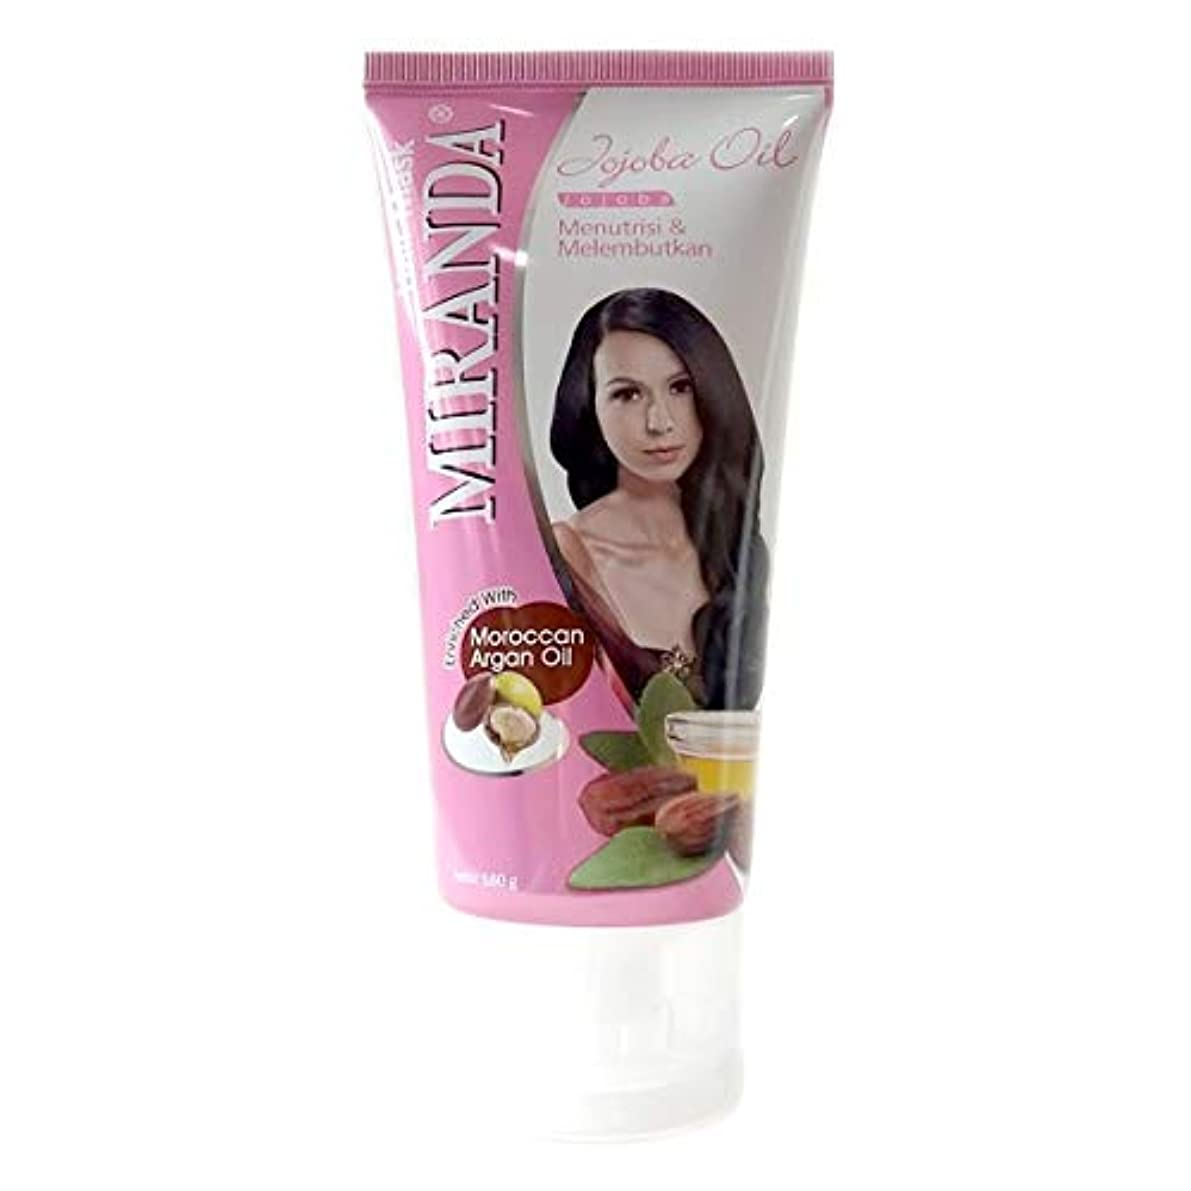 受け皿ゆるく免疫MIRANDA ミランダ Hair Mask ヘアマスク モロッカンアルガンオイル主成分のヘアトリートメント 160g Jojoba oil ホホバオイル [海外直送品]